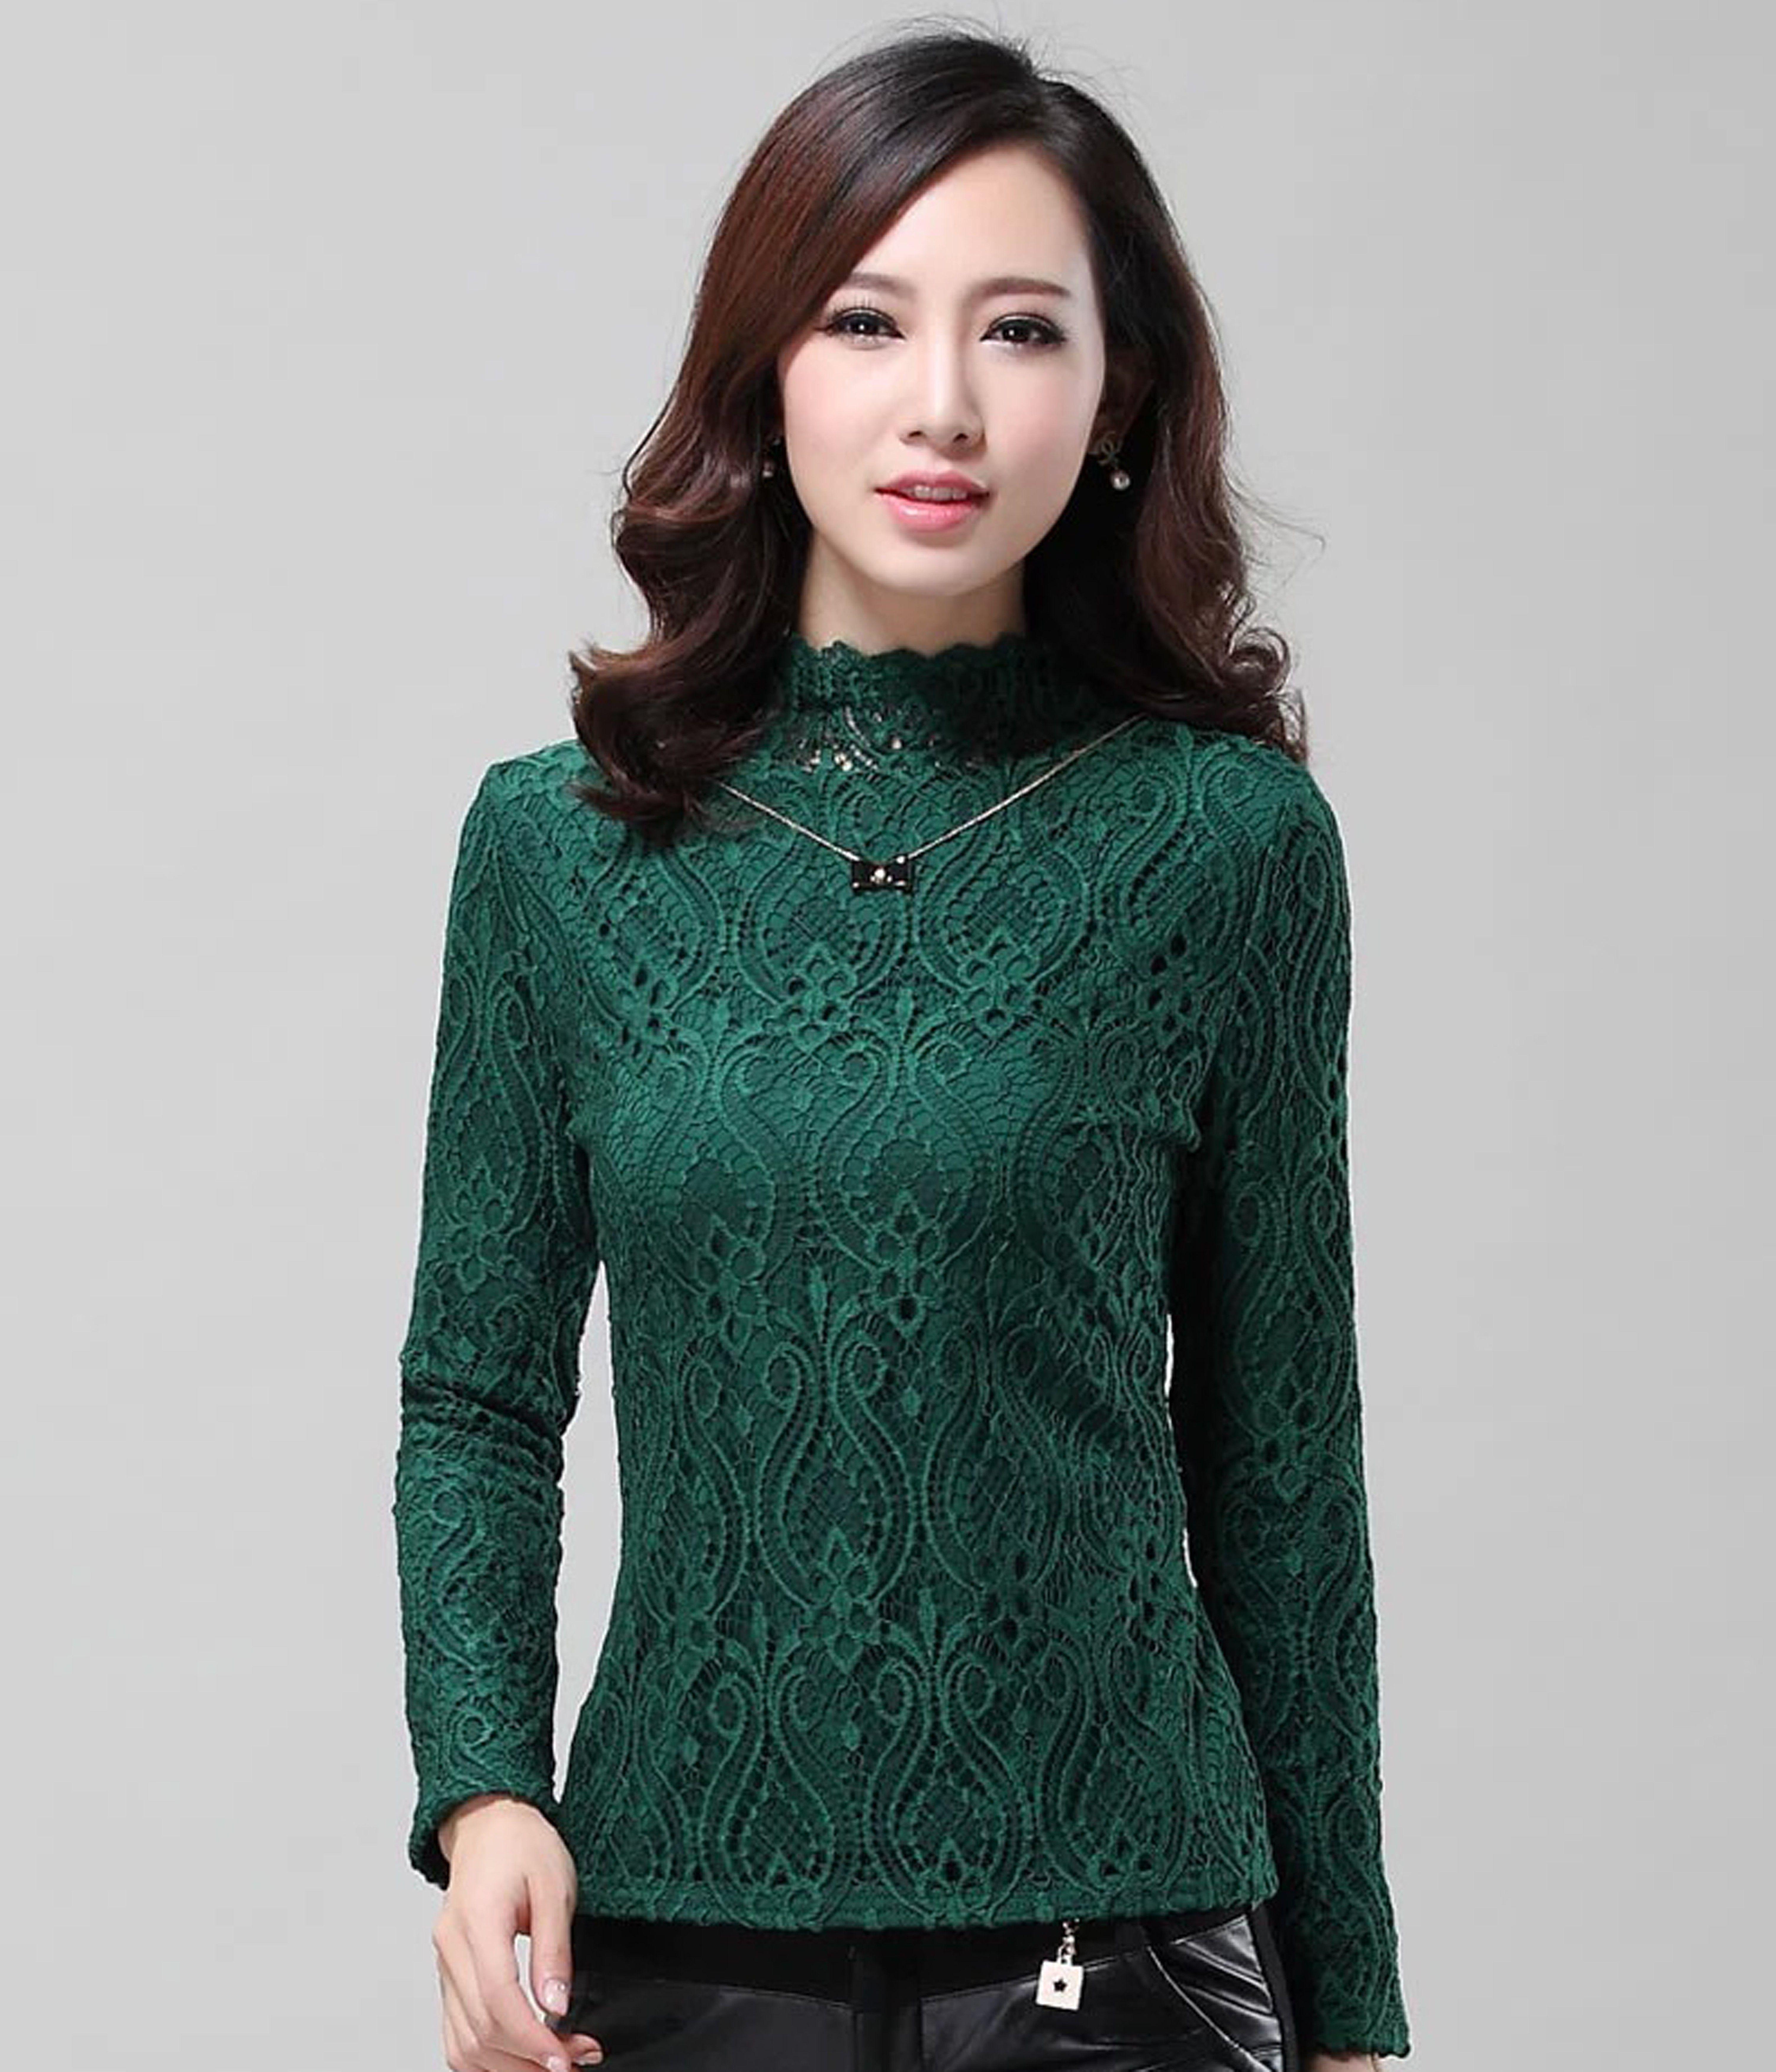 Green Lace Sweat T Shirt - STUPA FASHION